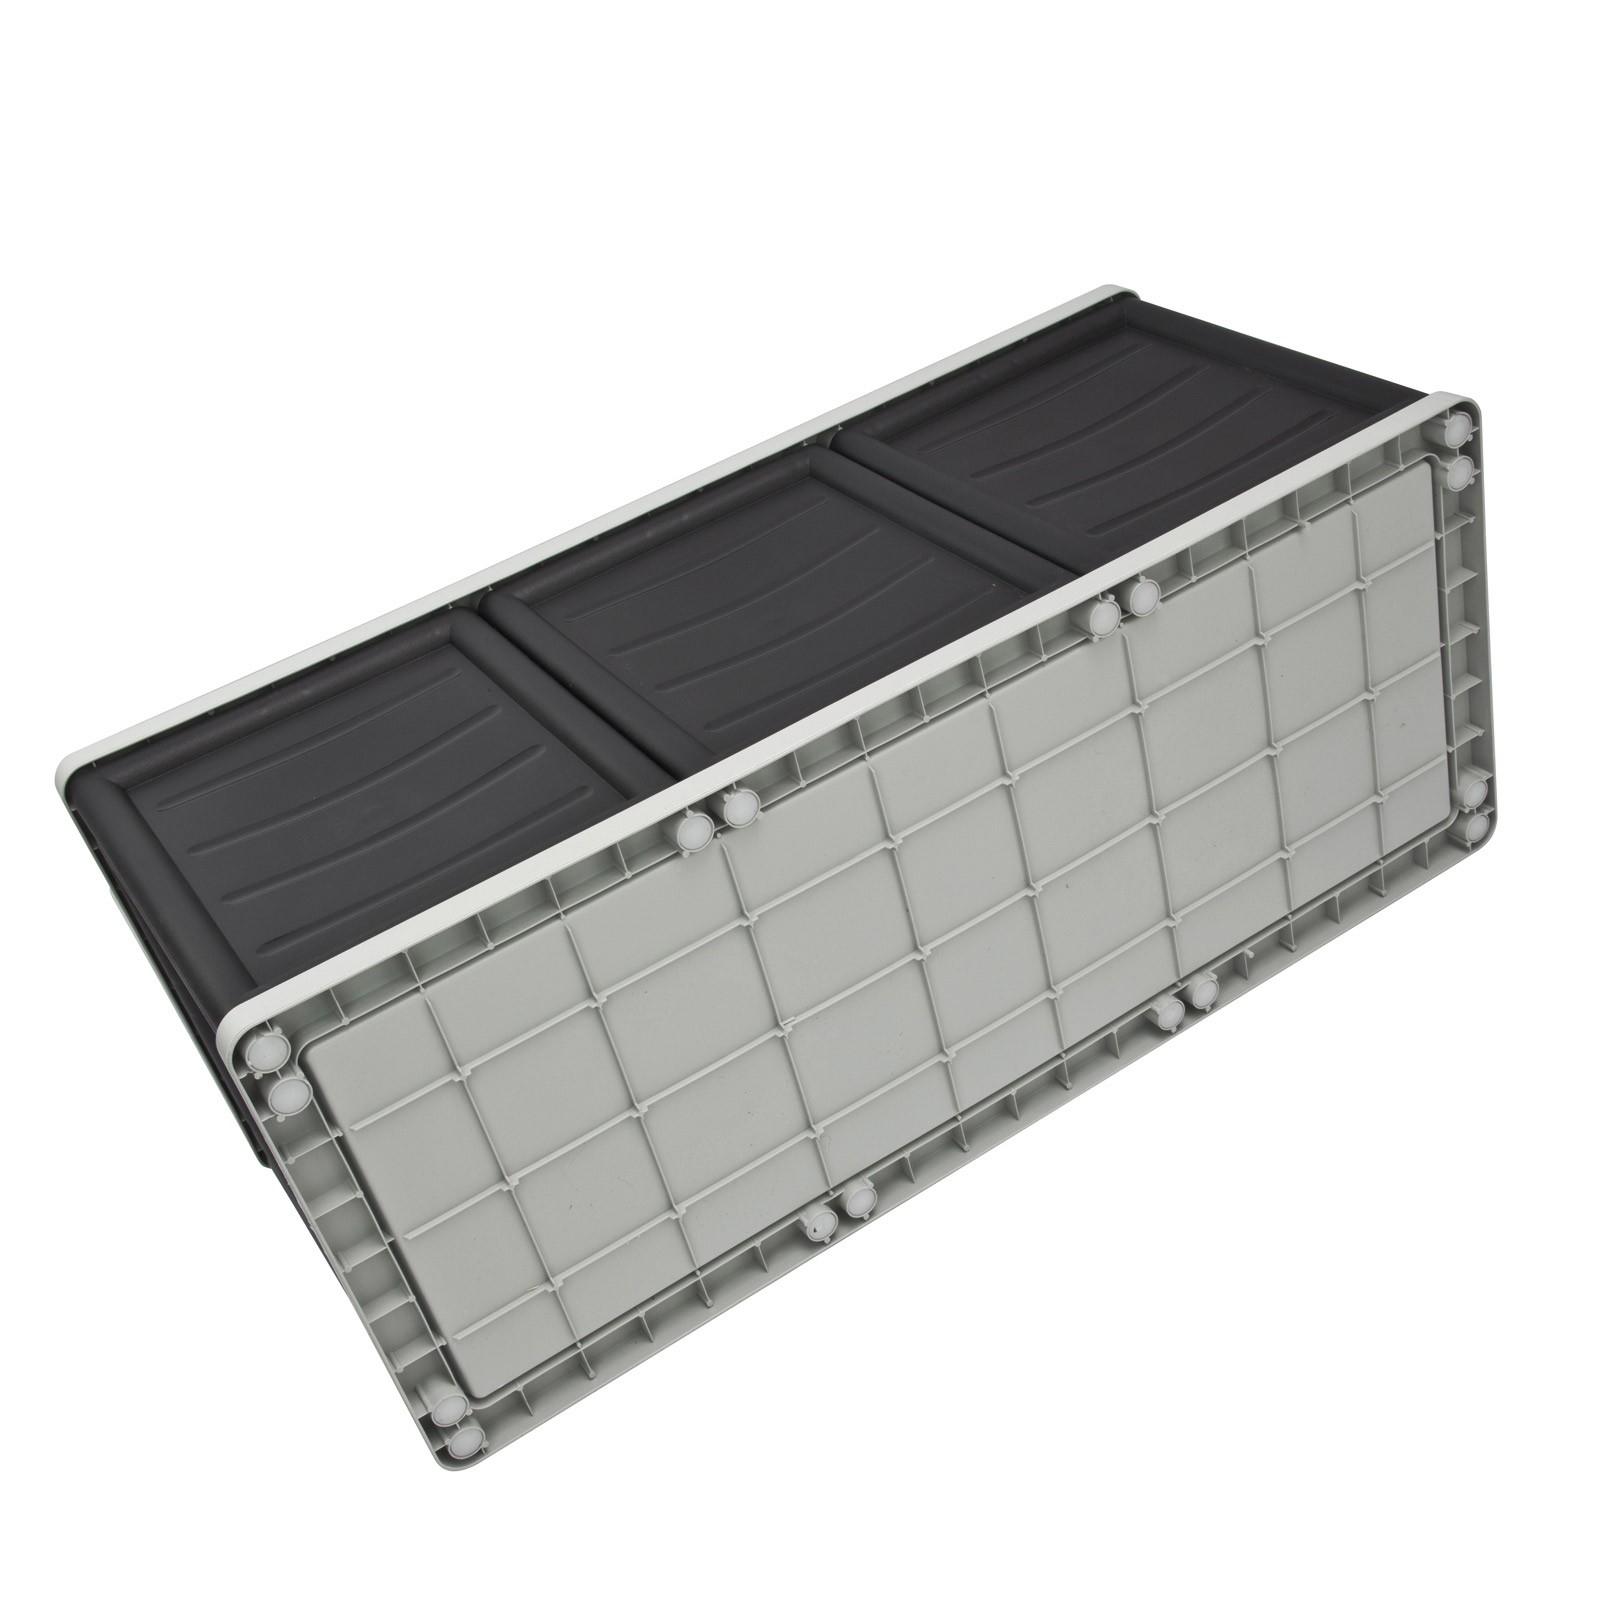 universalbox gartenbox 170l schwarz grau deckel. Black Bedroom Furniture Sets. Home Design Ideas